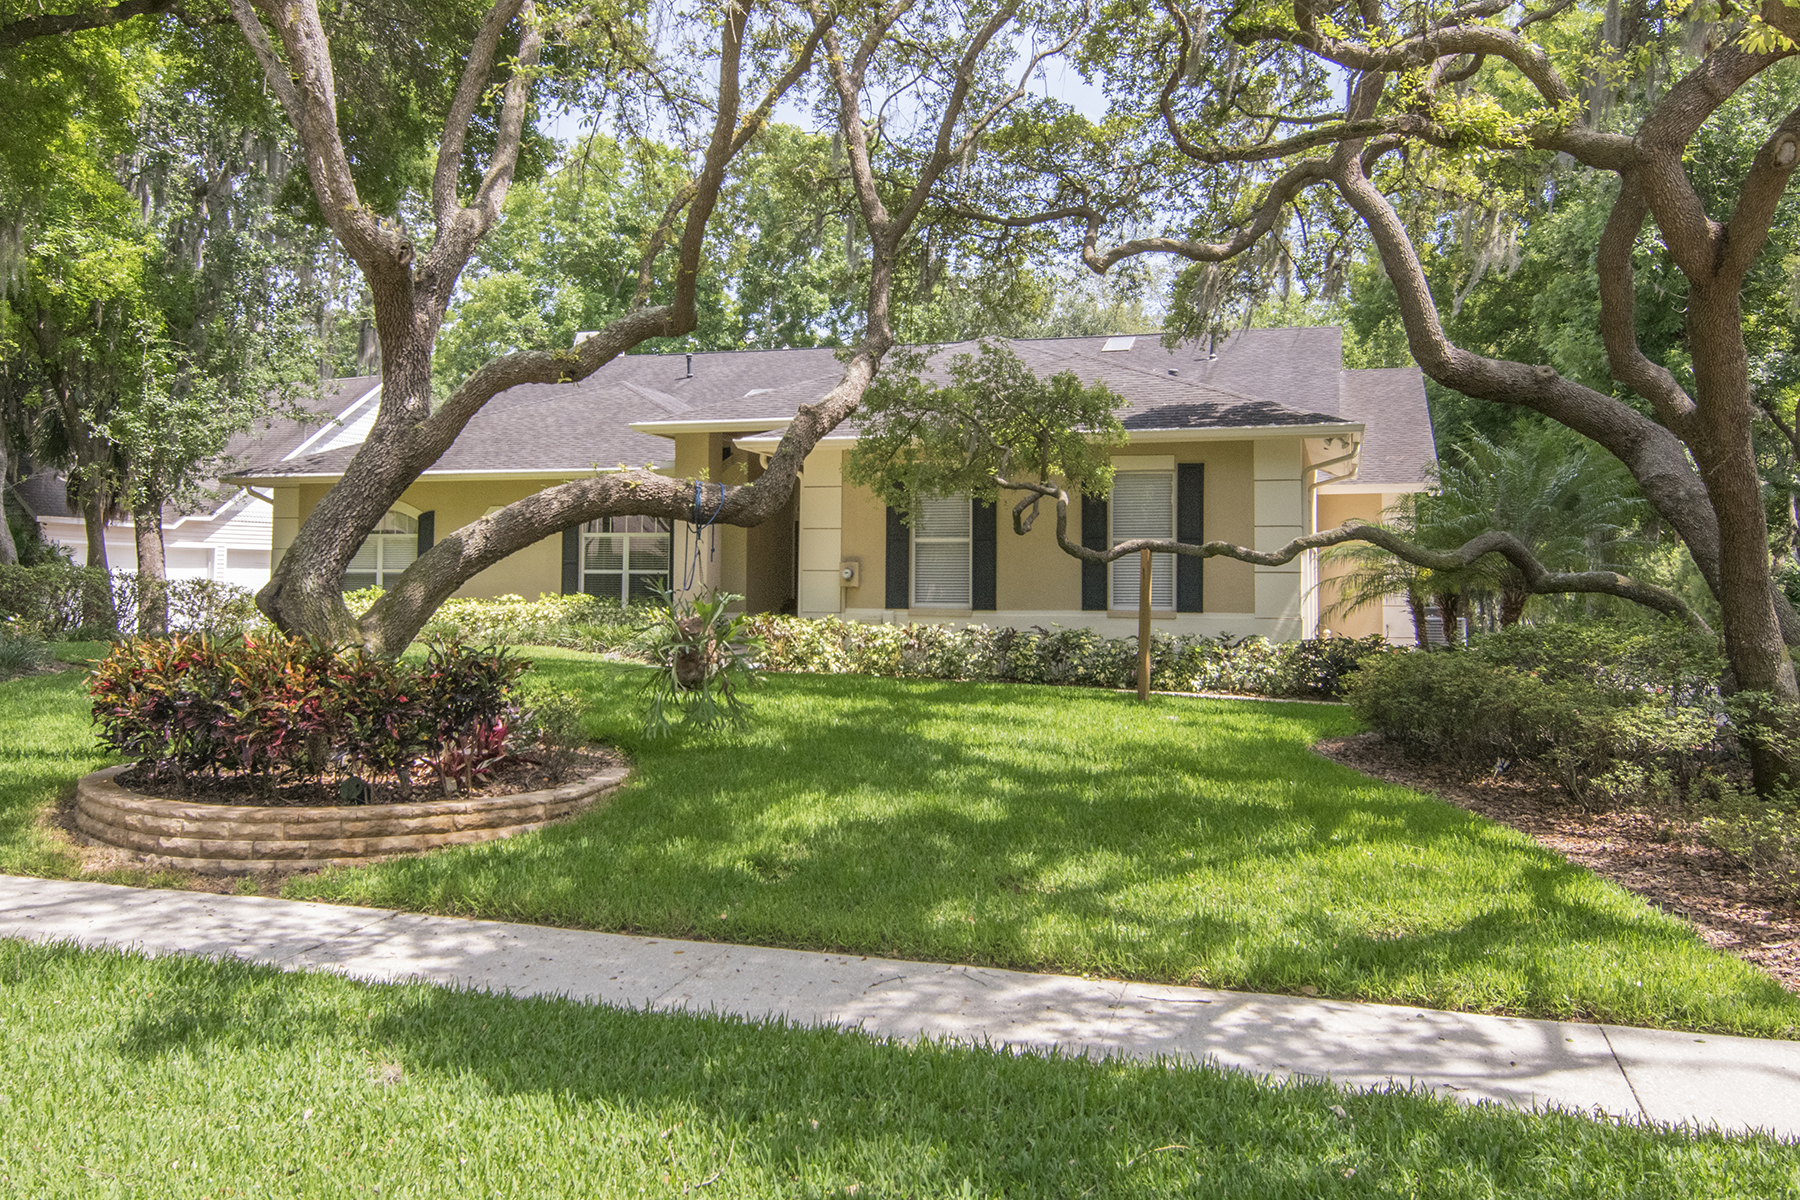 Casa para uma família para Venda às RIVERVIEW 8914 Eagle Watch Dr Riverview, Florida, 33578 Estados Unidos